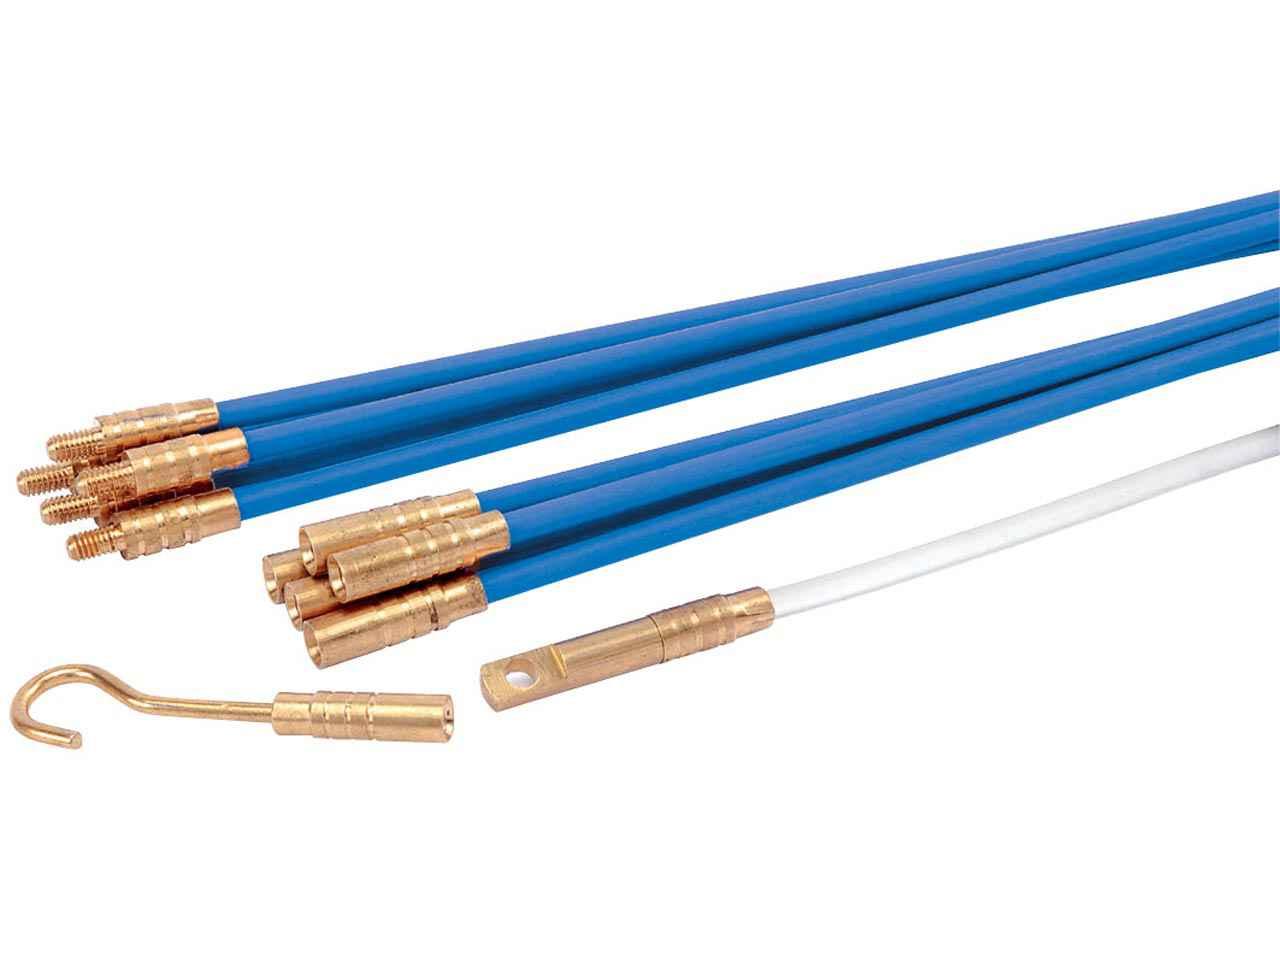 Draper 45274 Rod Cable Access Kit  1 m